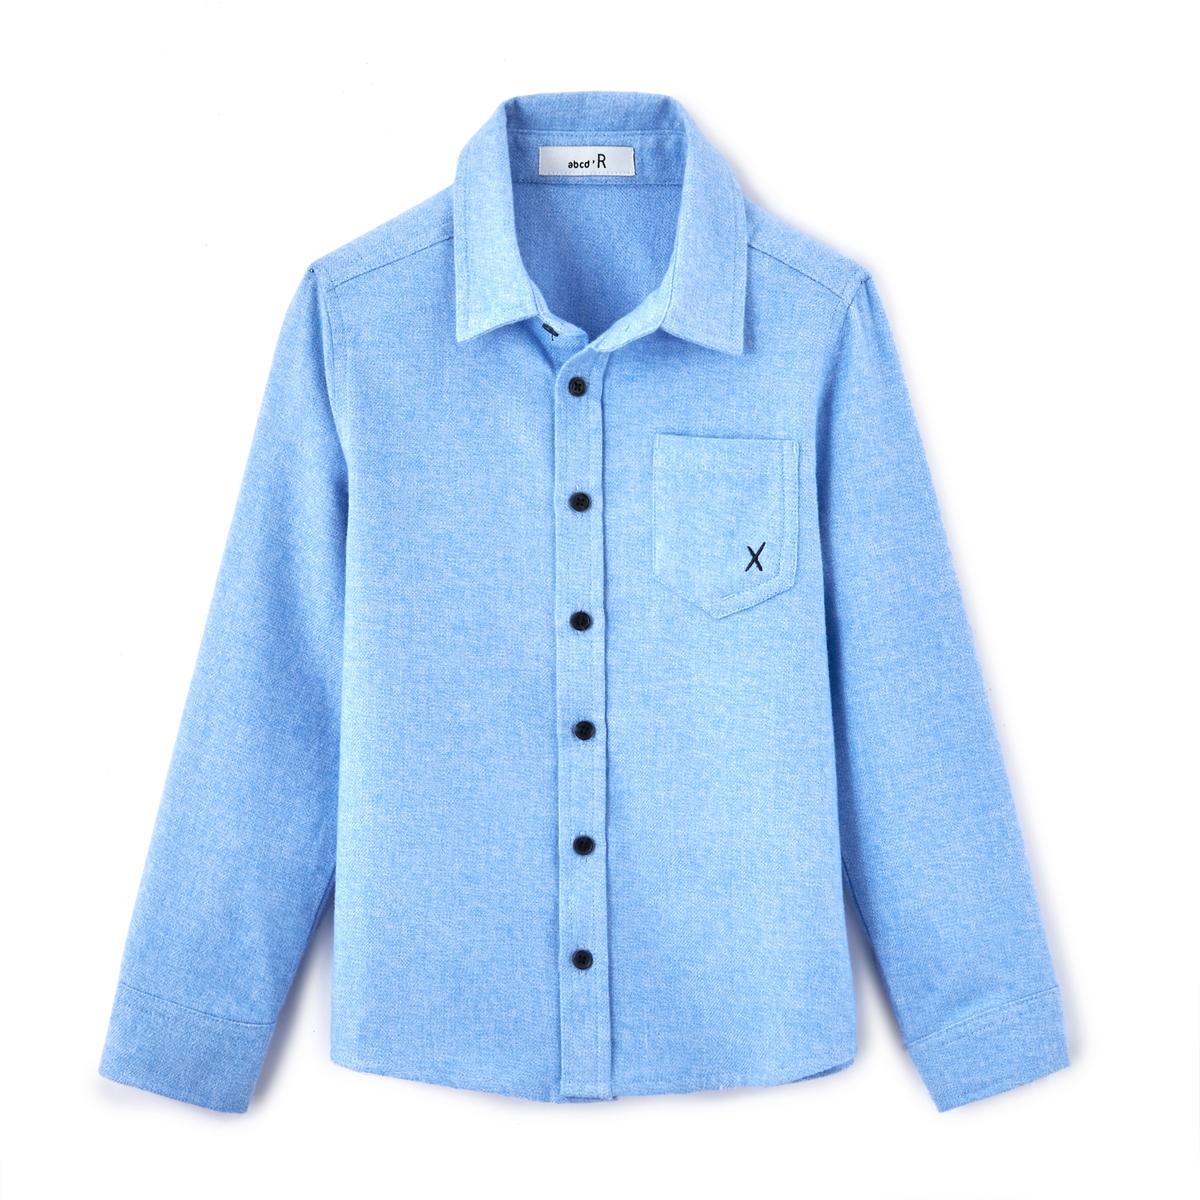 Рубашка с фланелевым эффектом, 3-12 лет